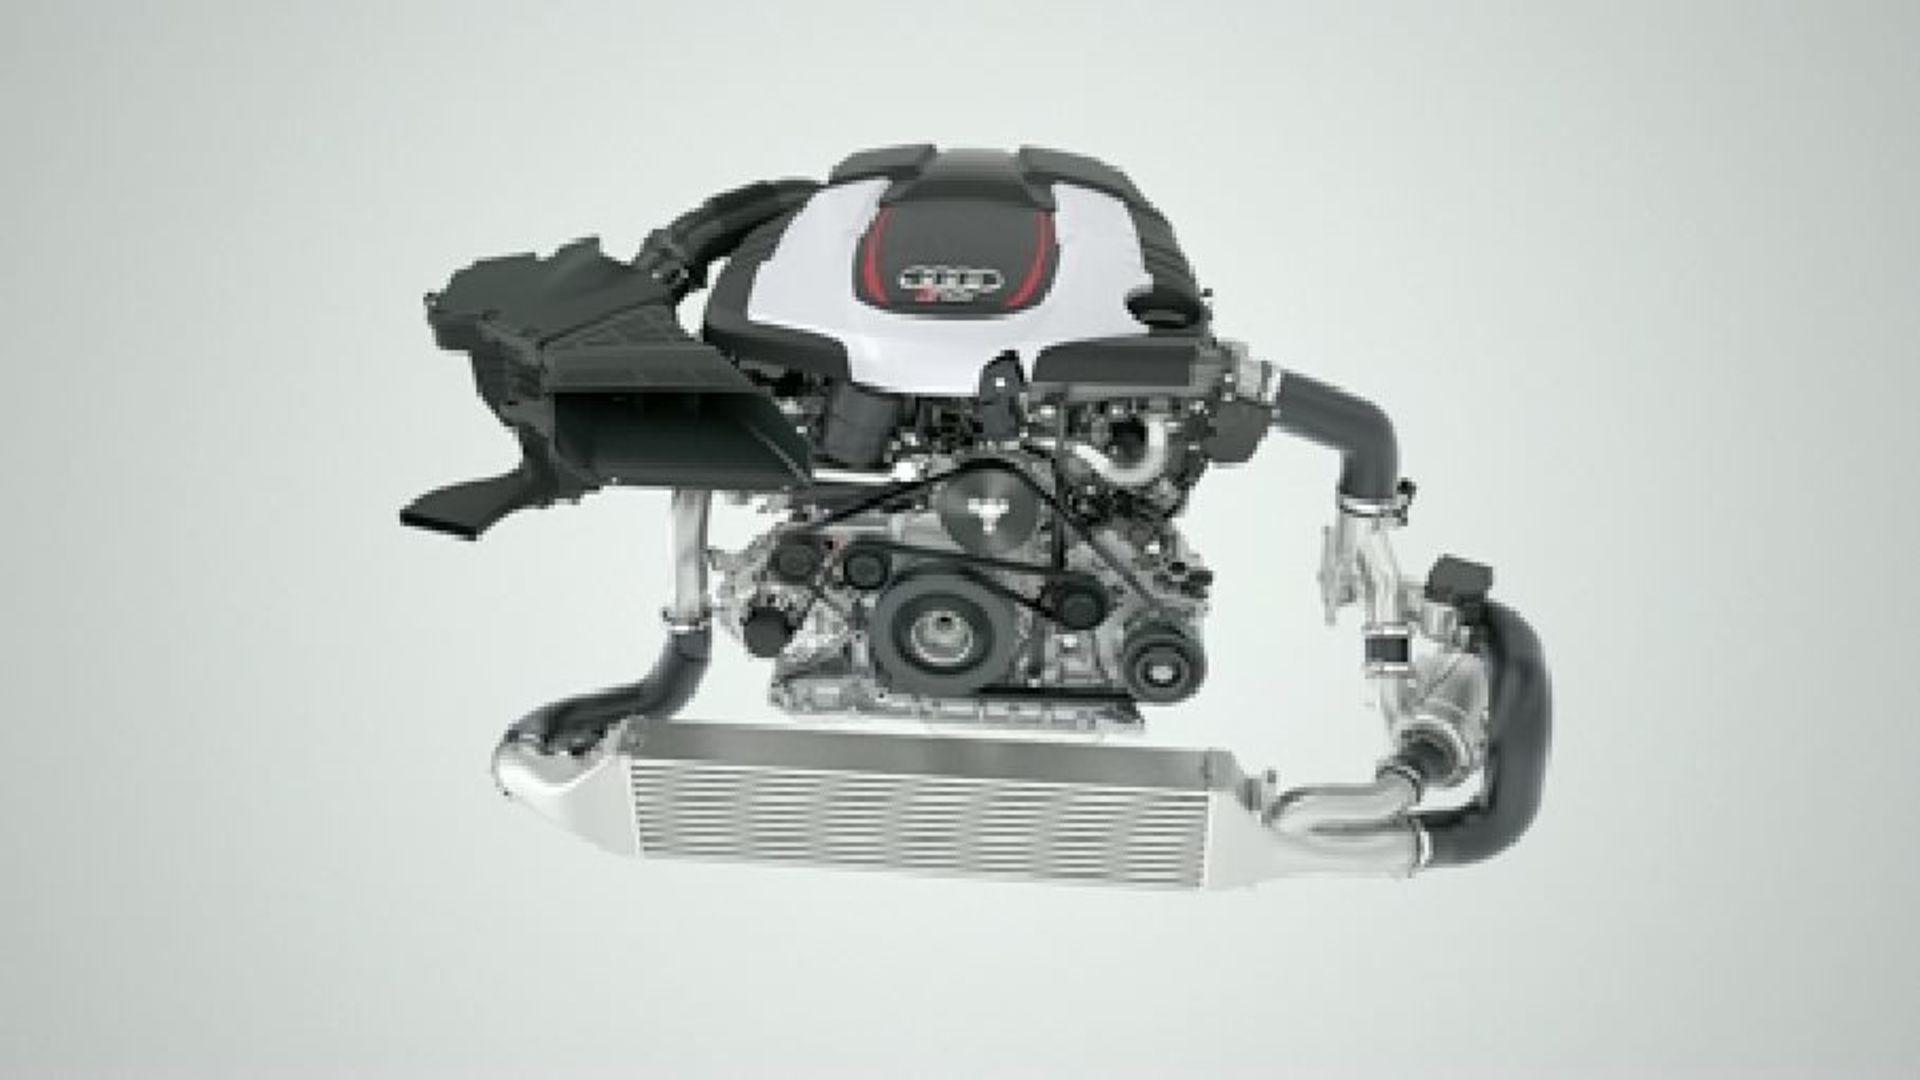 Audi V6 TDI Biturbo mit elektrisch angetriebenem Verdichter